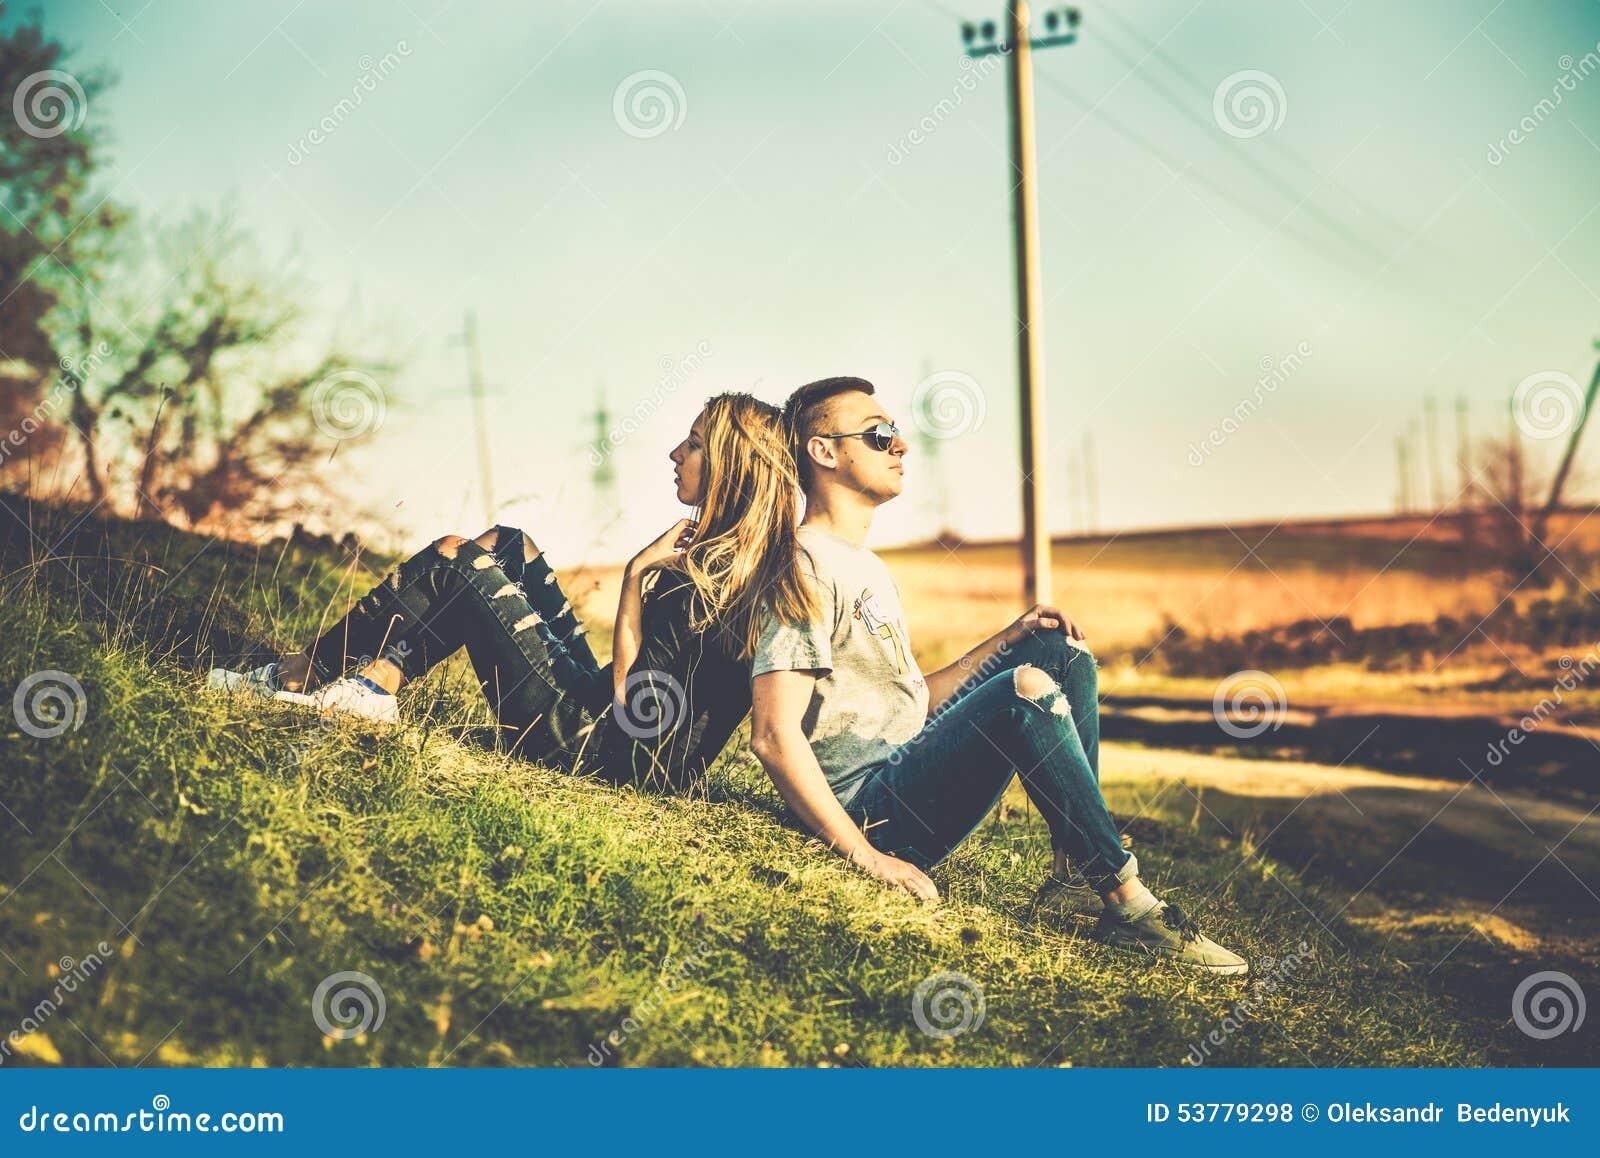 Ładny para odpoczynek plenerowy w lesie